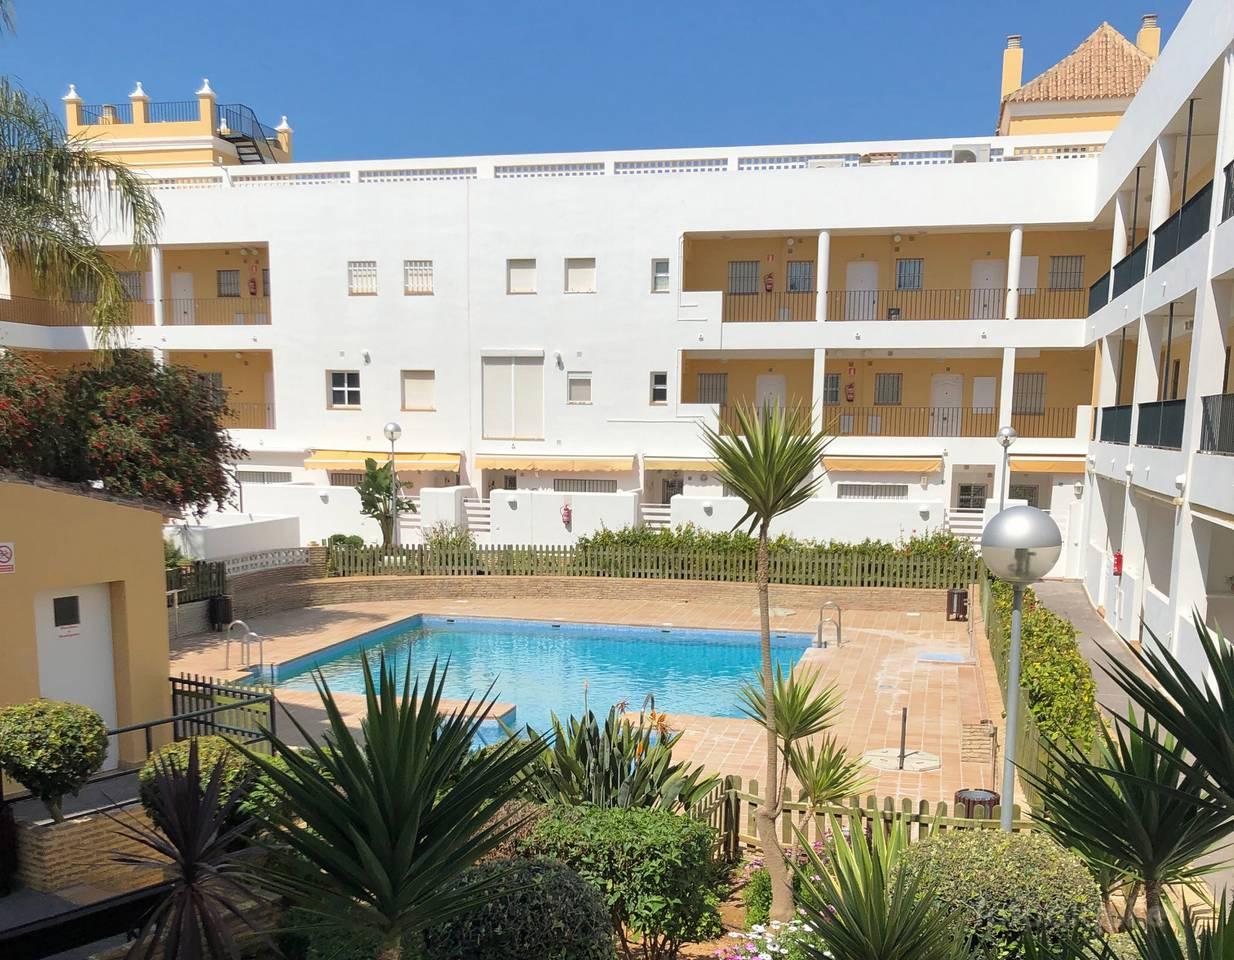 Alquiler de apartamento con piscina en Rota, Costa Ballena